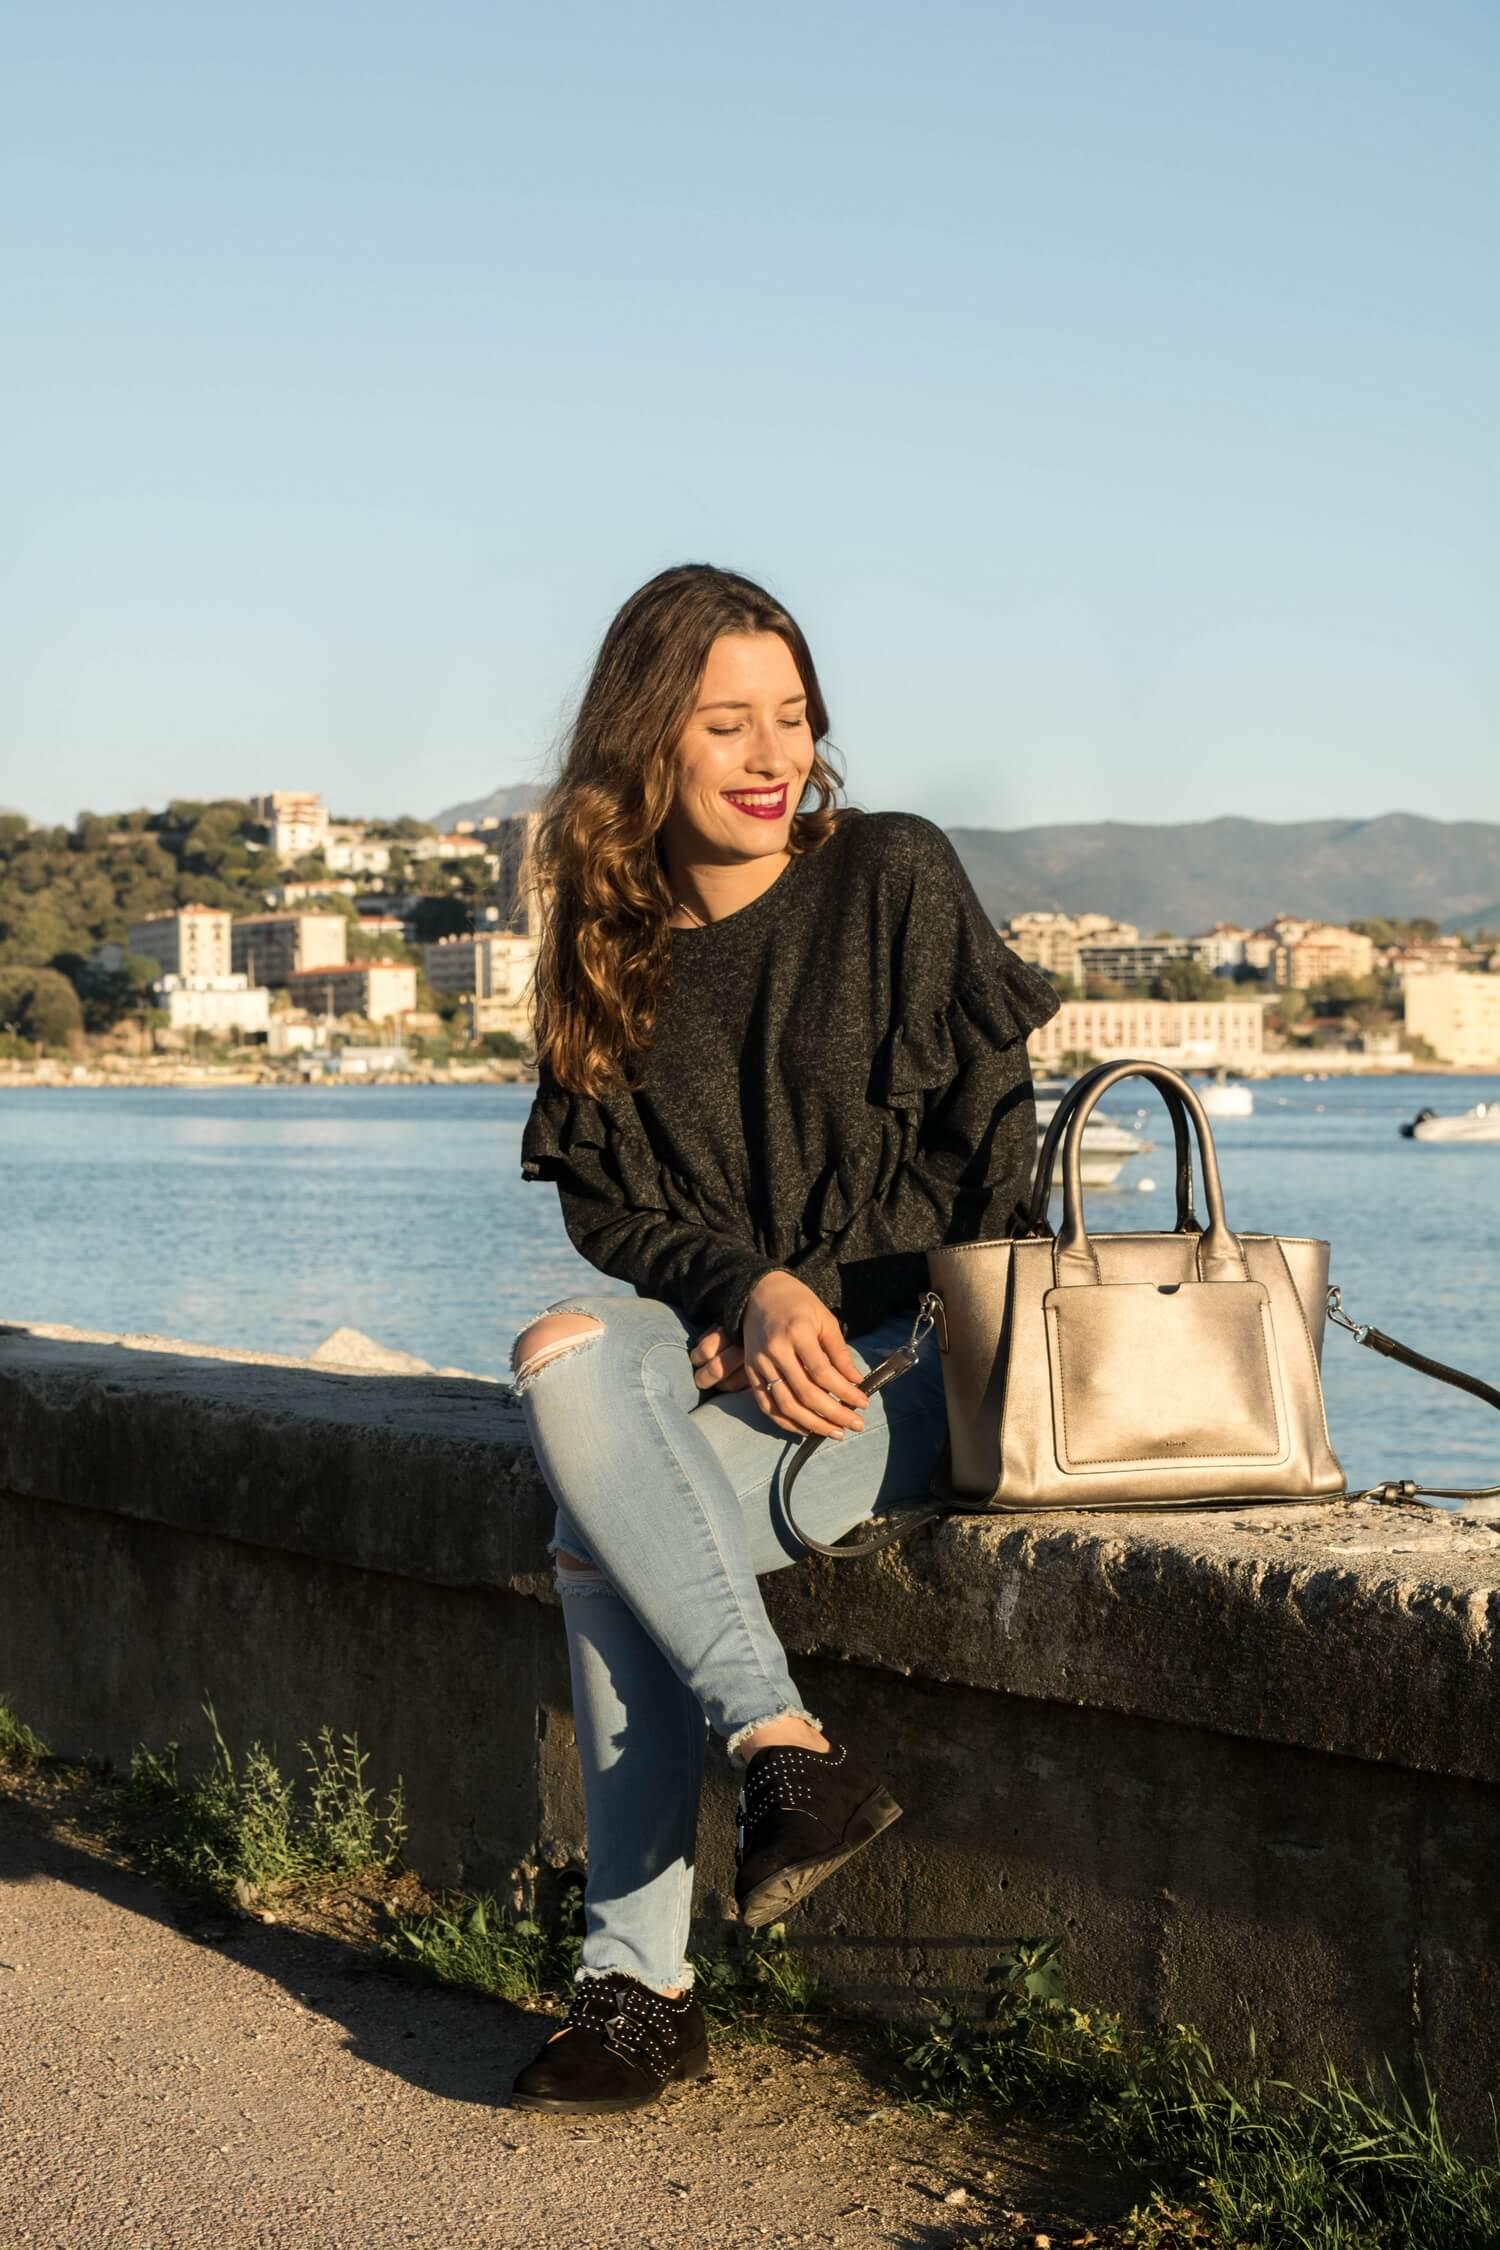 Pour l'automne, le pull Pimkie est de retour sur le blog | happinesscoco.com